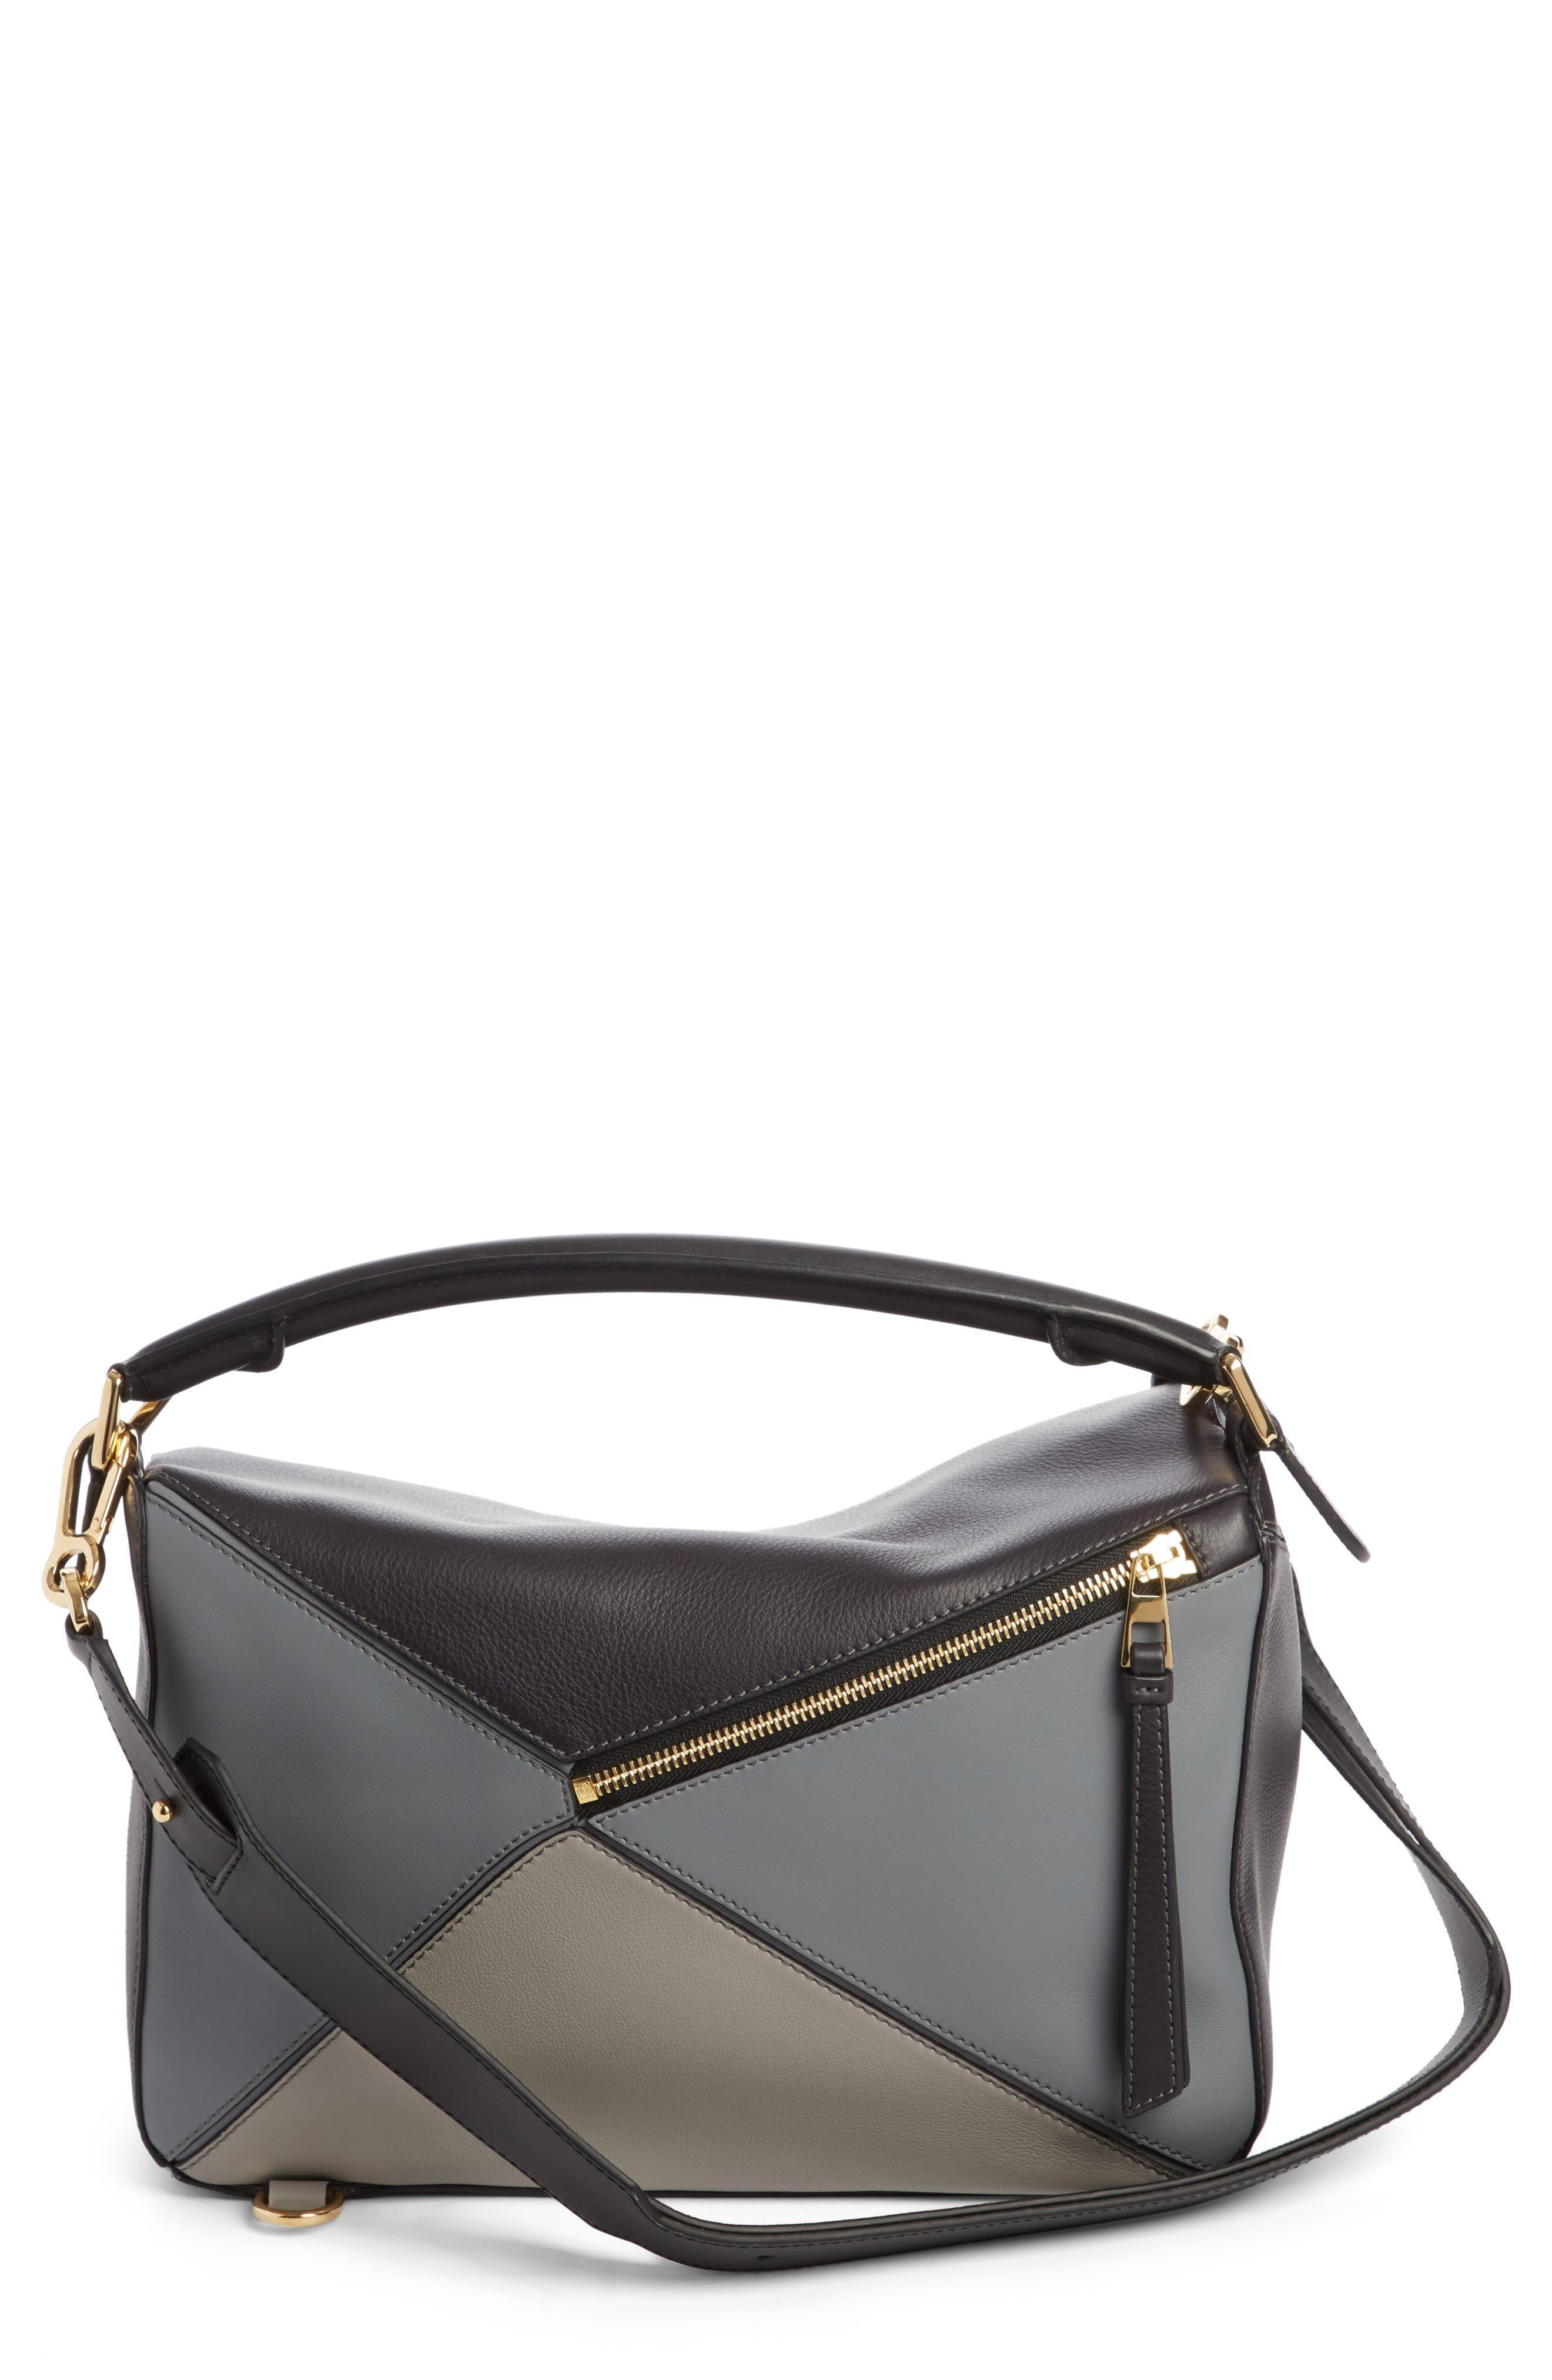 Medium Puzzle Colorblock Leather Shoulder Bag,                             Main thumbnail 1, color,                             070